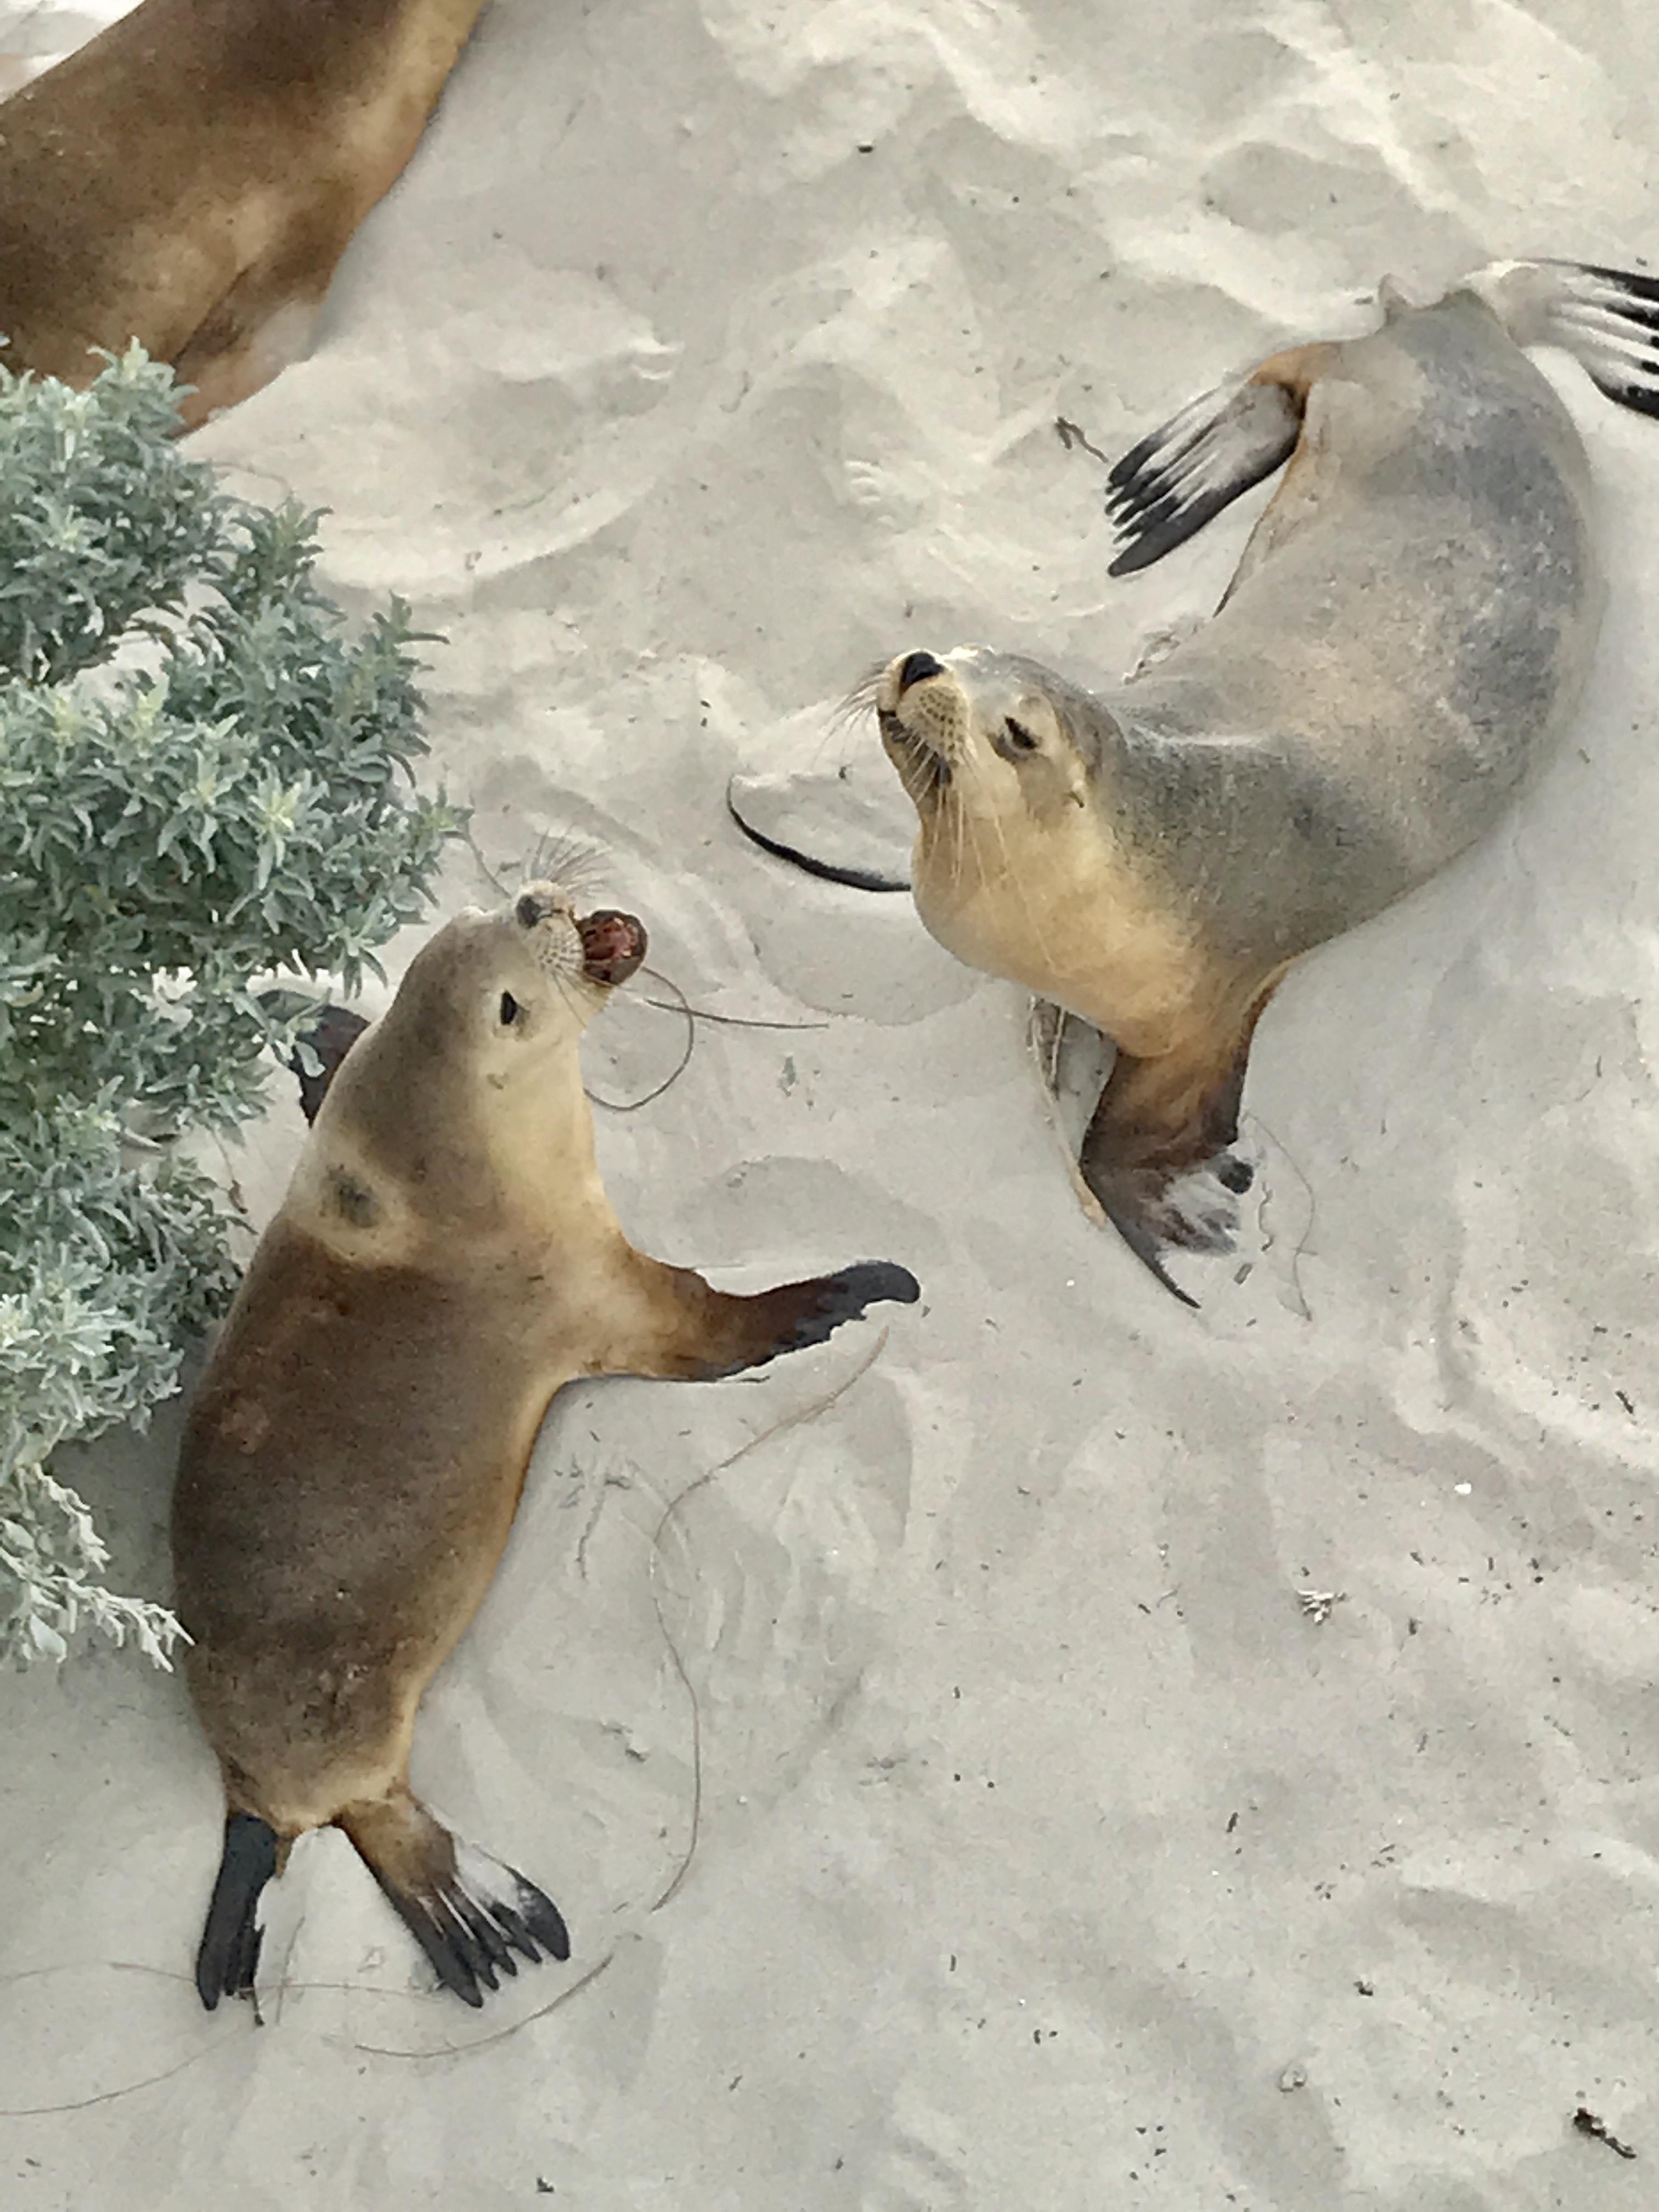 Kangaroo Island uit het boek Australië: een reis door het zuiden van Lisanna Weston namens Dutchies Travel